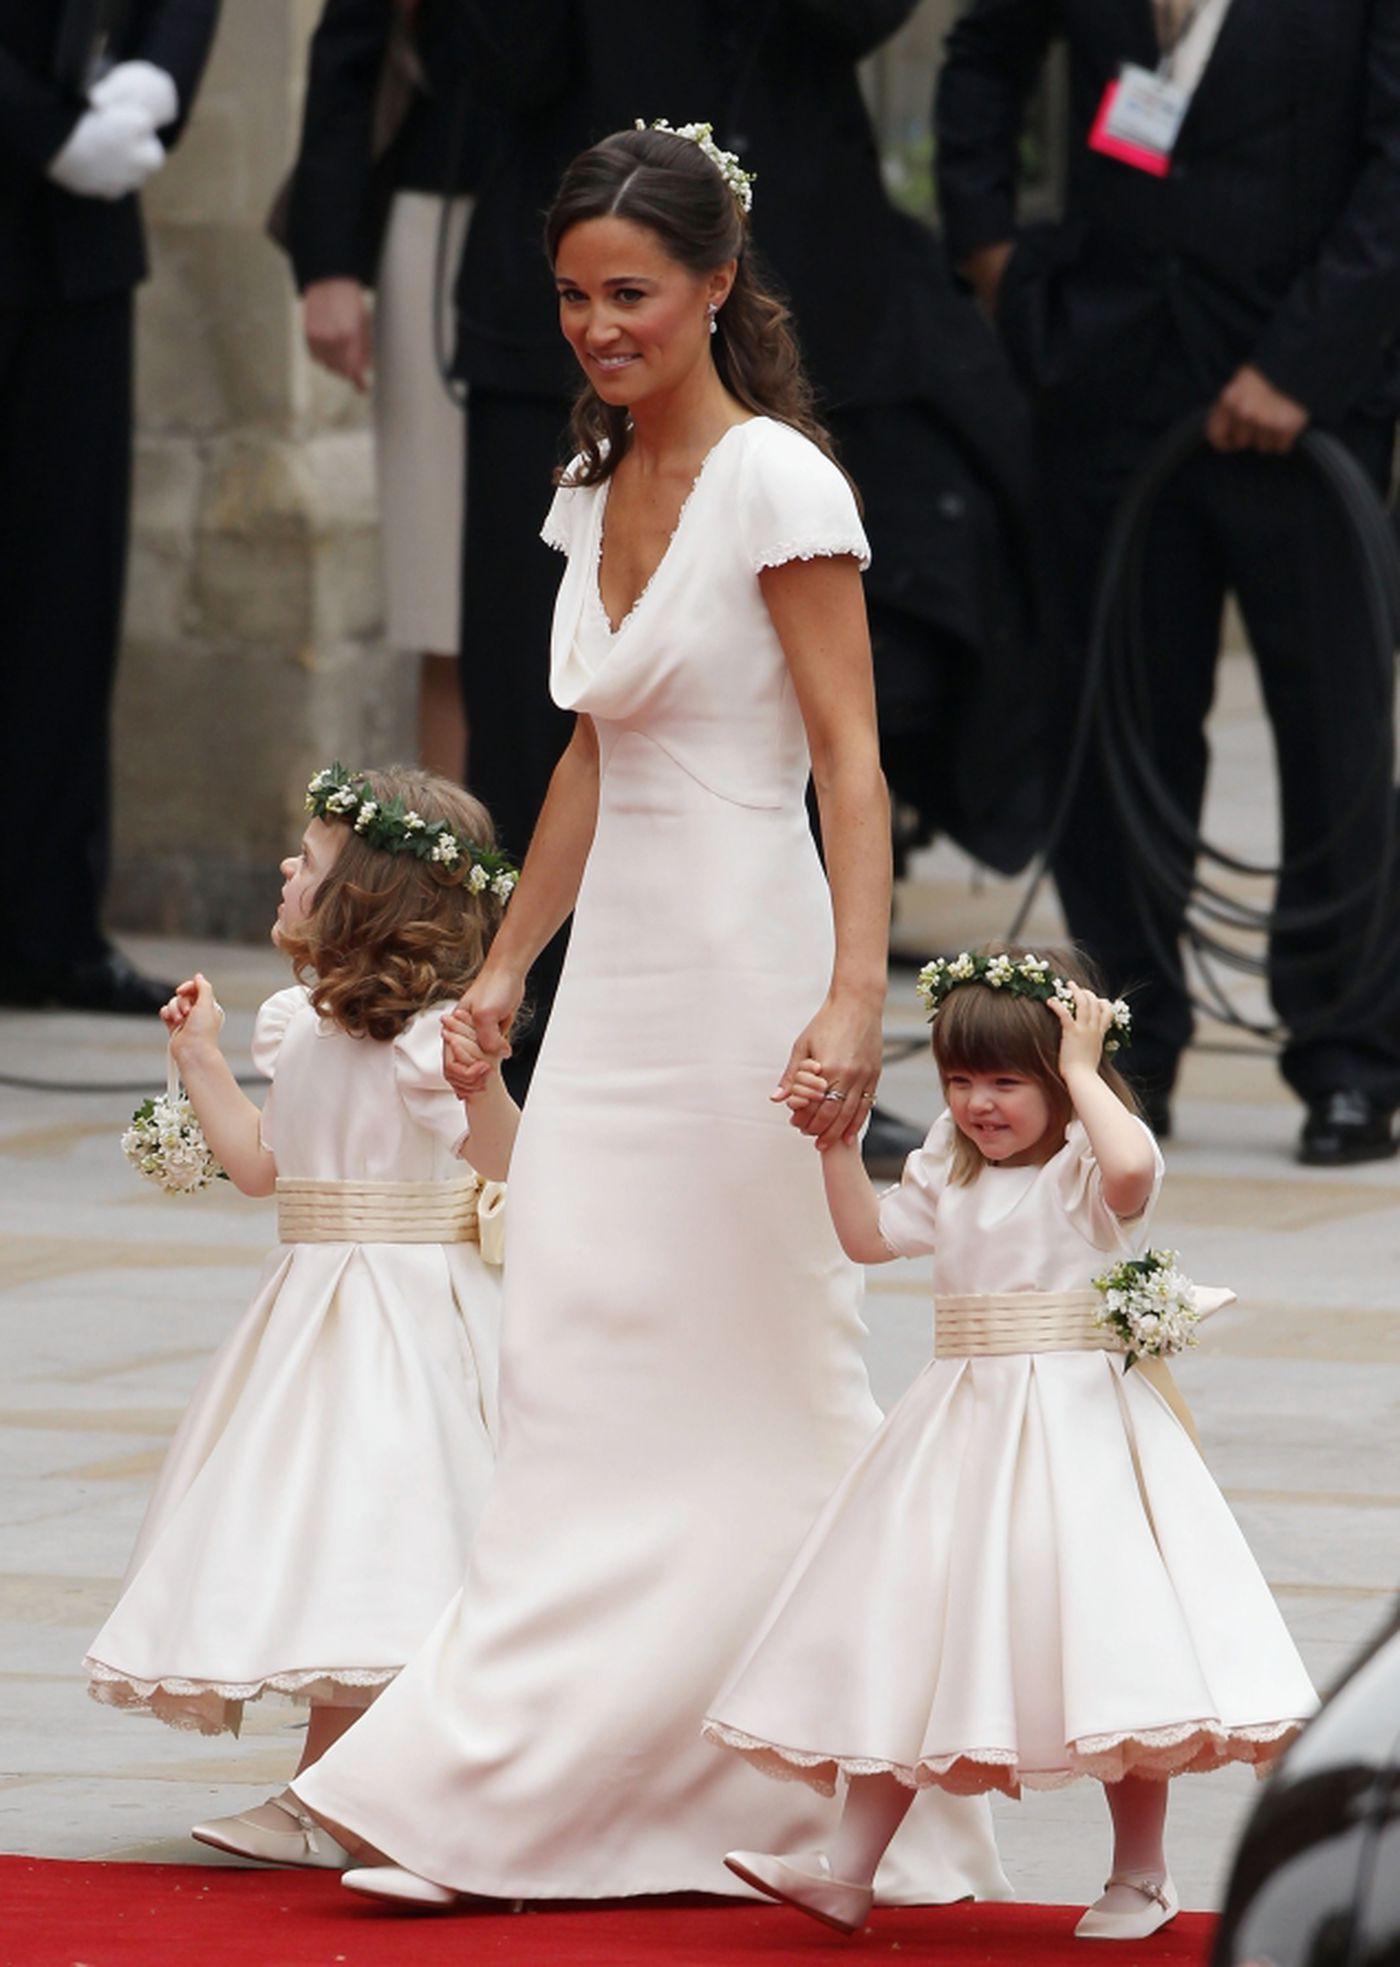 Dự đám cưới Hoàng tử Harry và Meghan Markle, dàn khách mời sẽ phải tuân thủ 8 quy tắc ăn mặc này 4